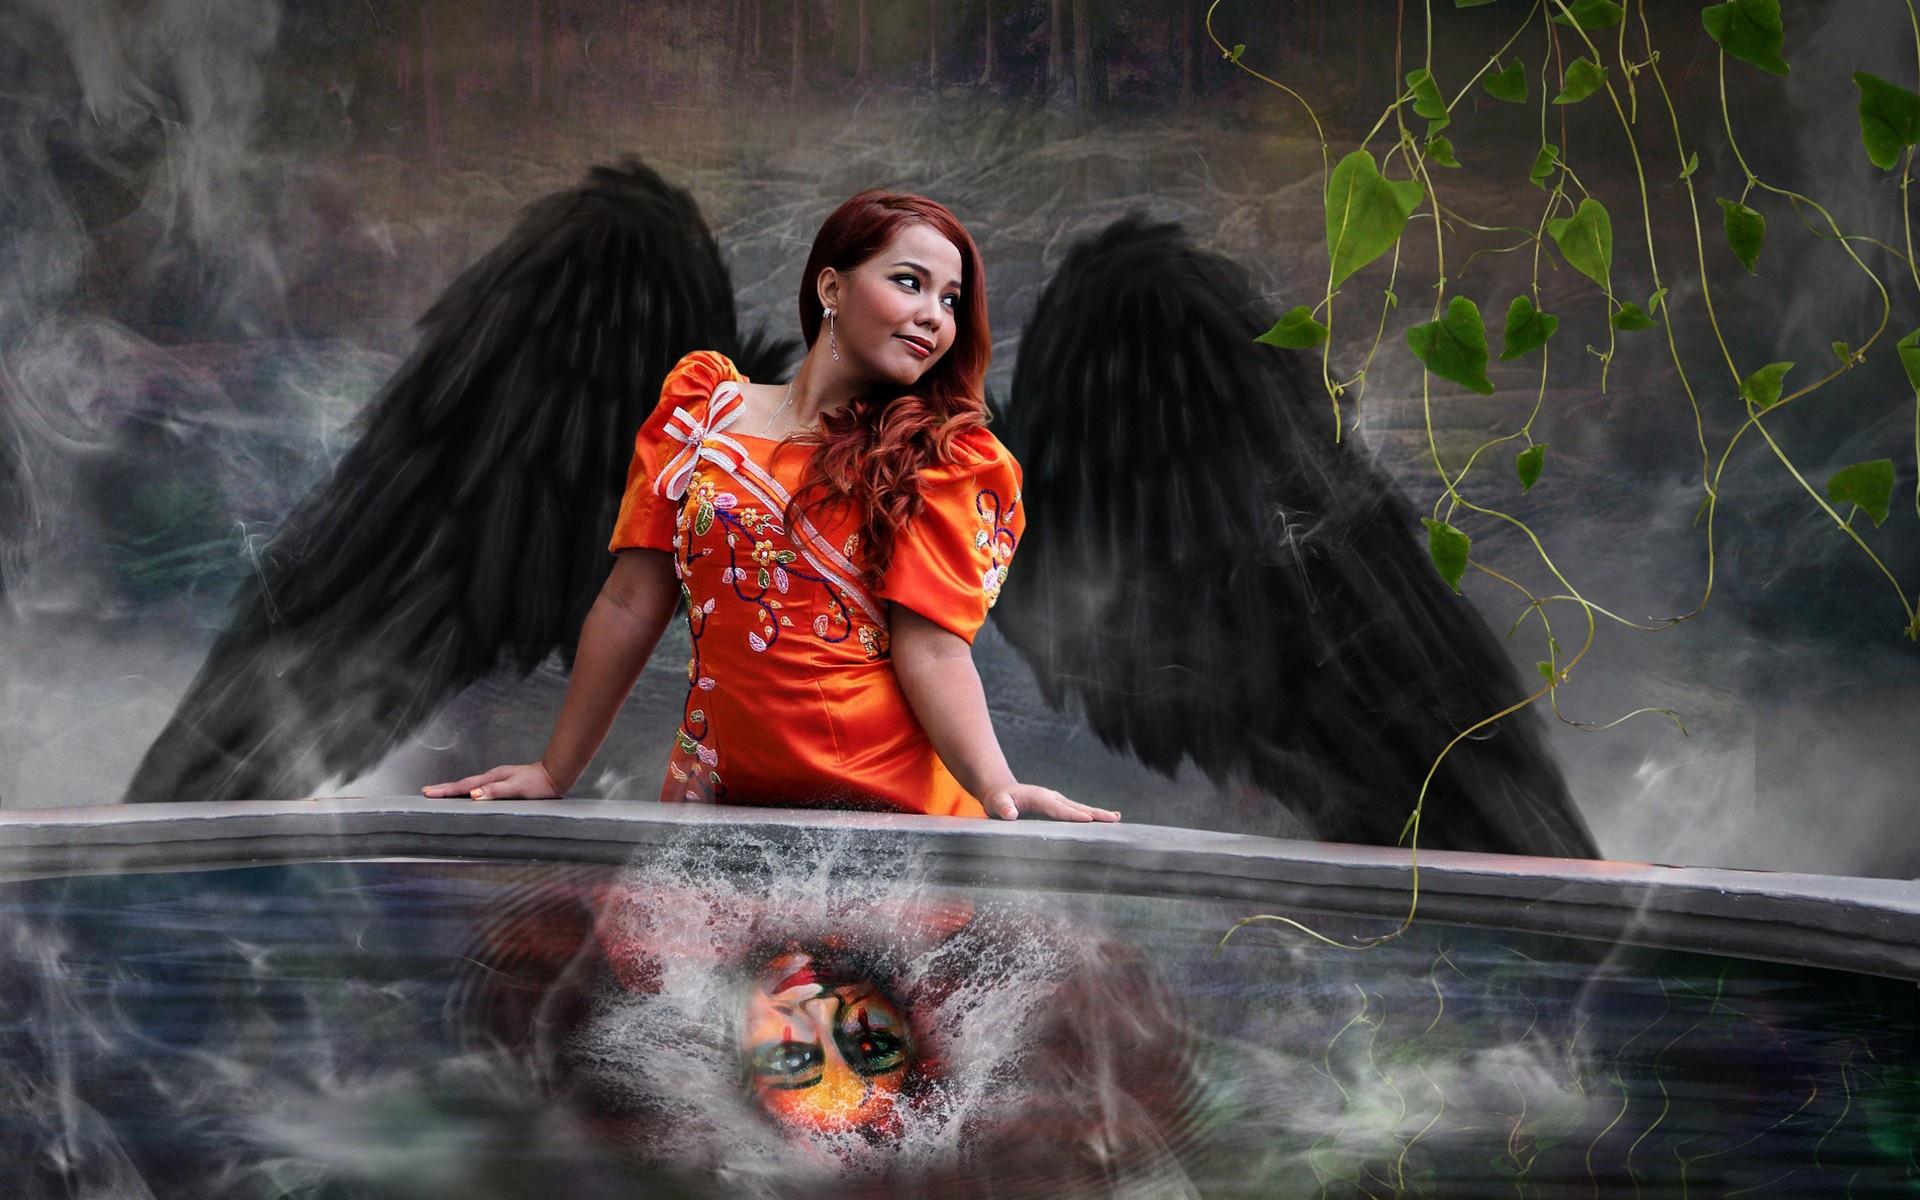 зайти креативные ангелы картинки для